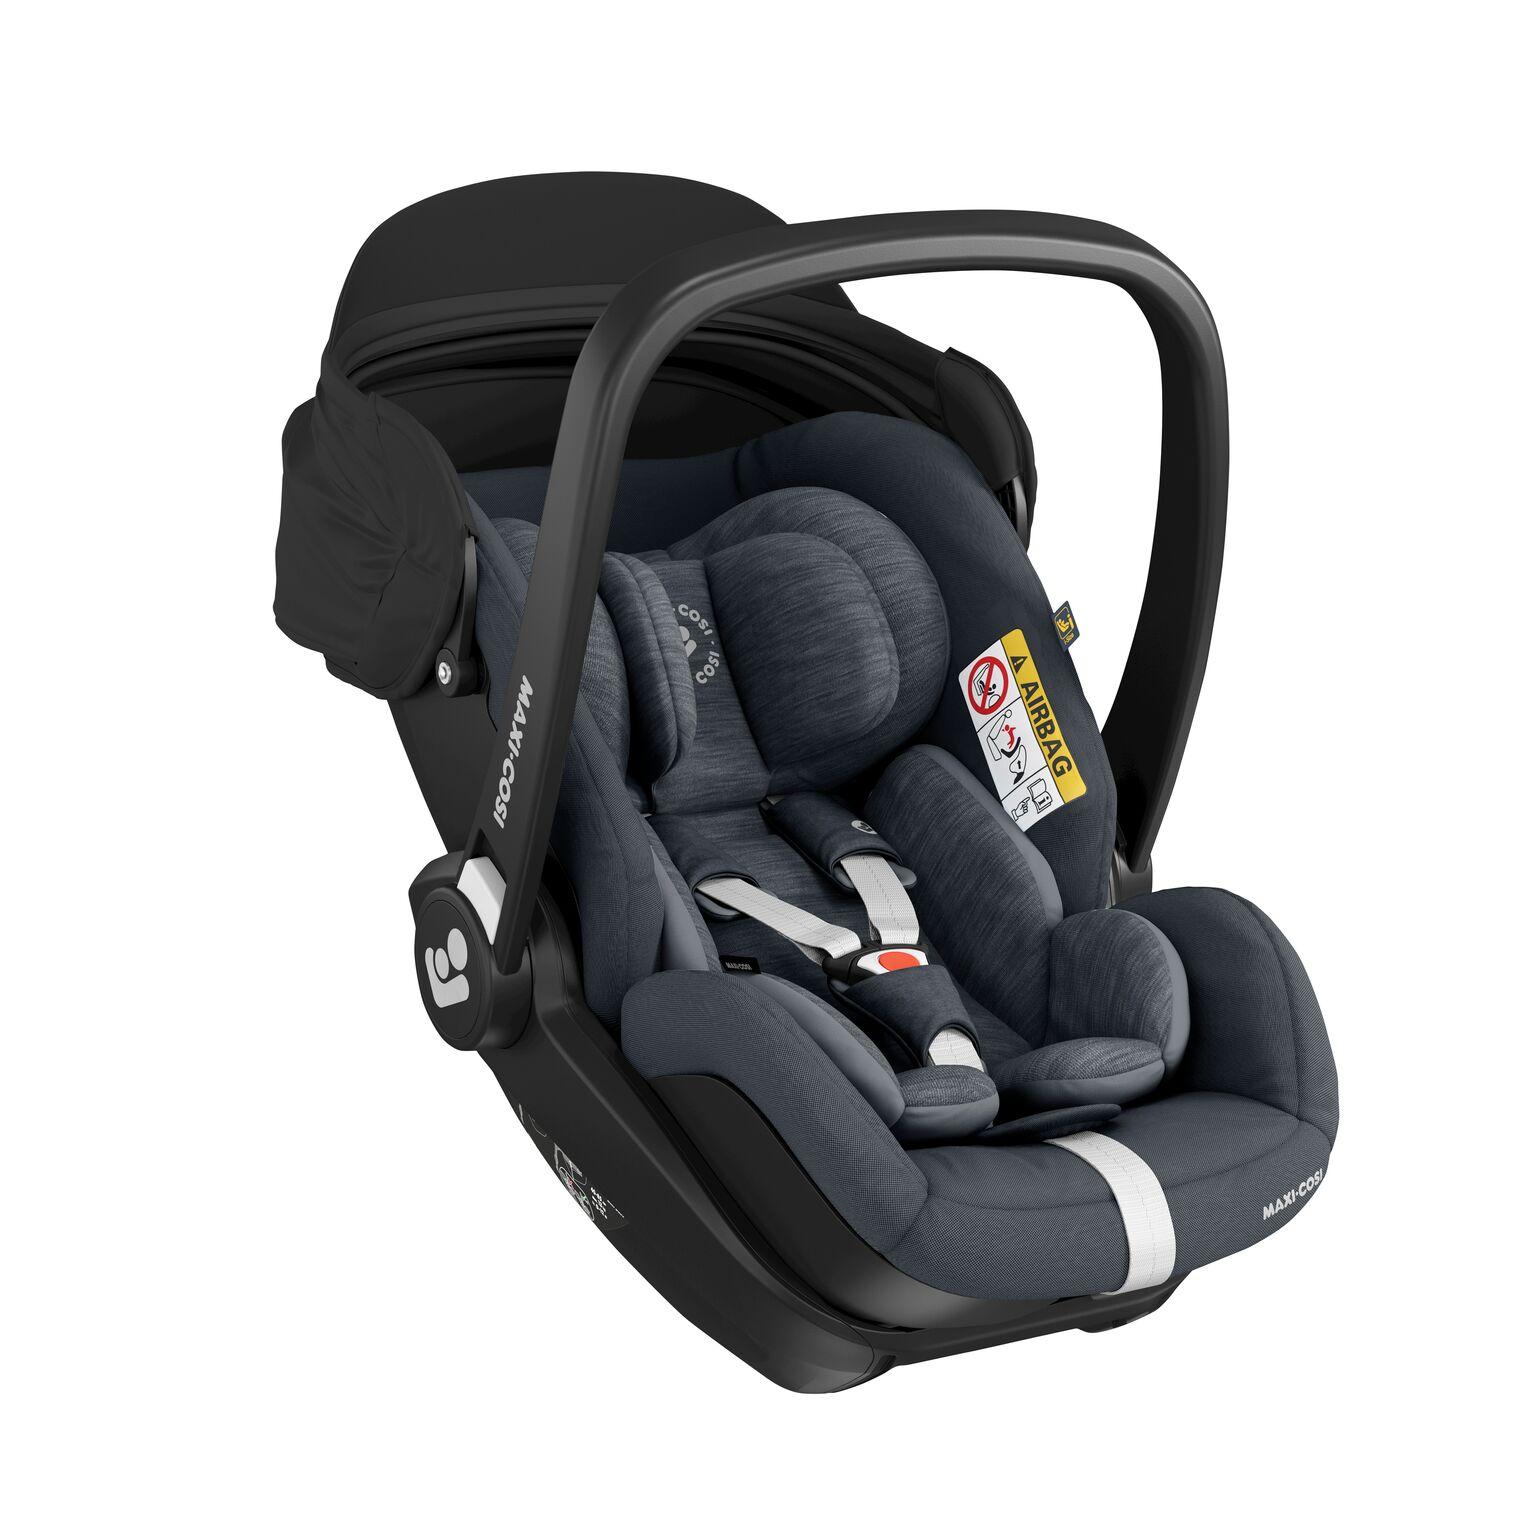 inkl 40-85 cm // 0-13 kg Marble Isofix Basisstation essential black Gruppe 0+ i-Size Baby-Autositz mit 157/° Liegefunktion 13 Monate Maxi-Cosi Marble Babyschale nutzbar ab der Geburt bis ca